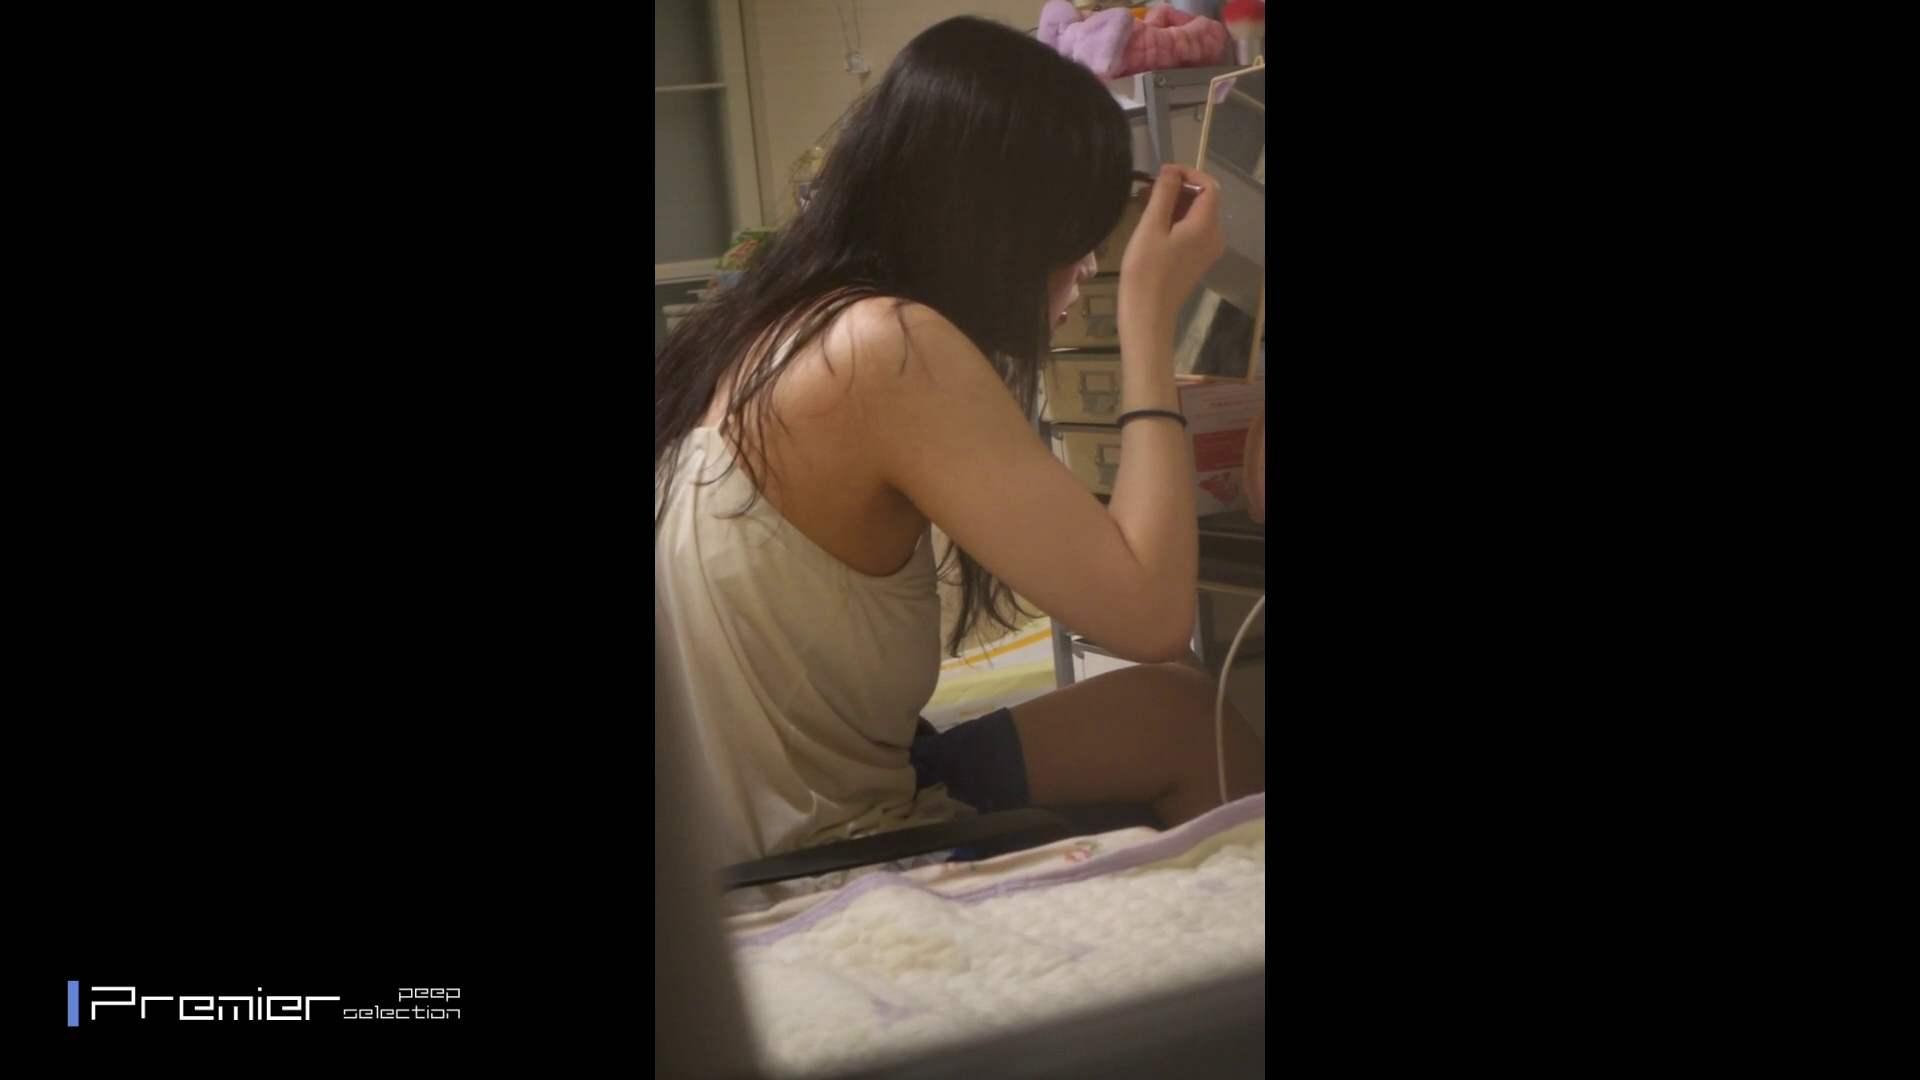 美女たちの日常を観察 美女達の私生活に潜入! 細身女性 スケベ動画紹介 109画像 36